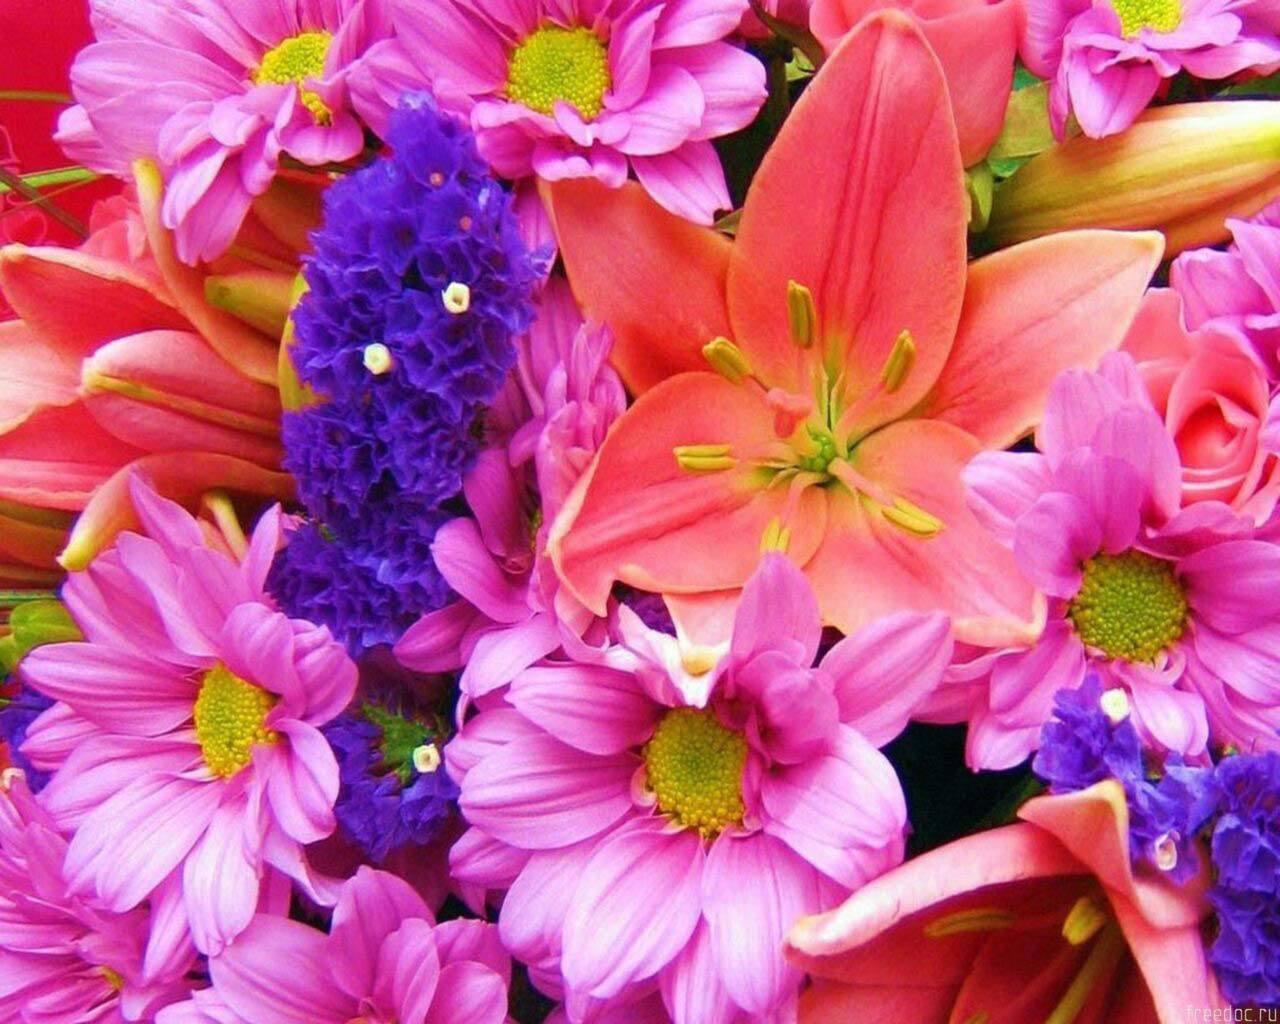 20678 скачать обои Растения, Цветы - заставки и картинки бесплатно